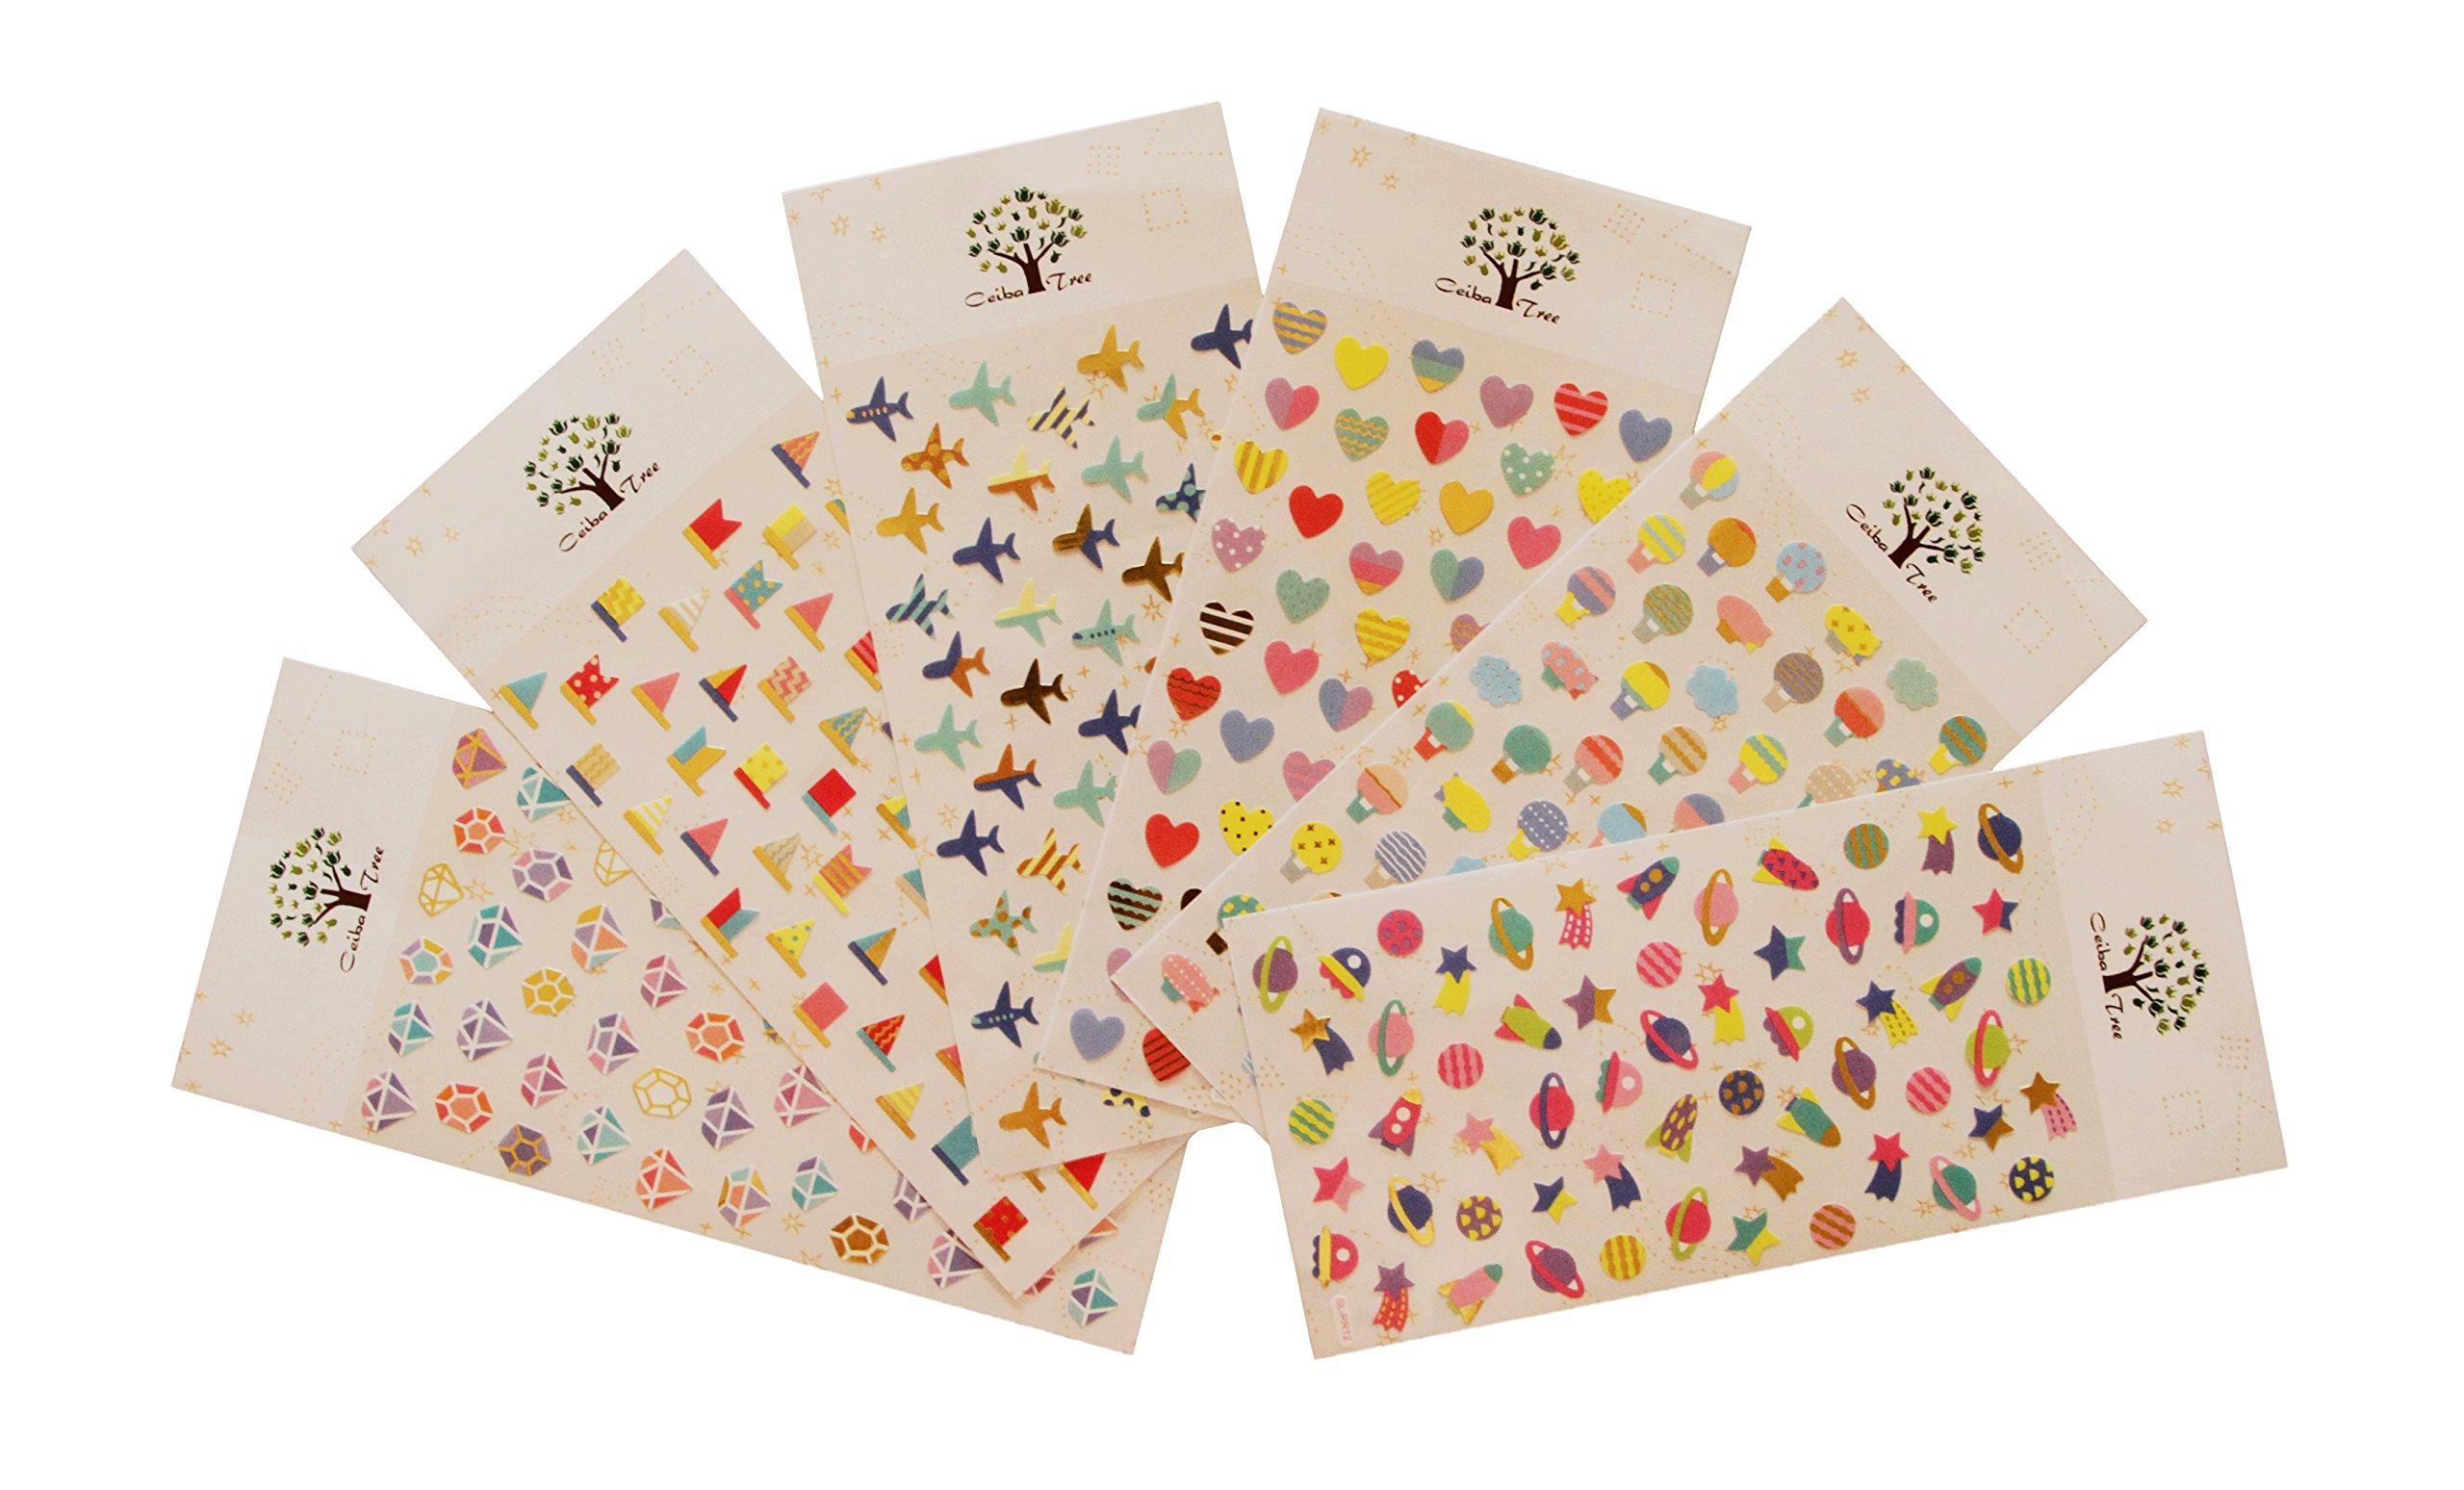 Bulk Sticker Sheet Assortment (Heart/Space/Airplane/Diamond/Flag/Hot Air Balloon) Collection for Children, Teacher, Parent, Grandparent, Kids, Craft, School, Planners & Scrapbooking